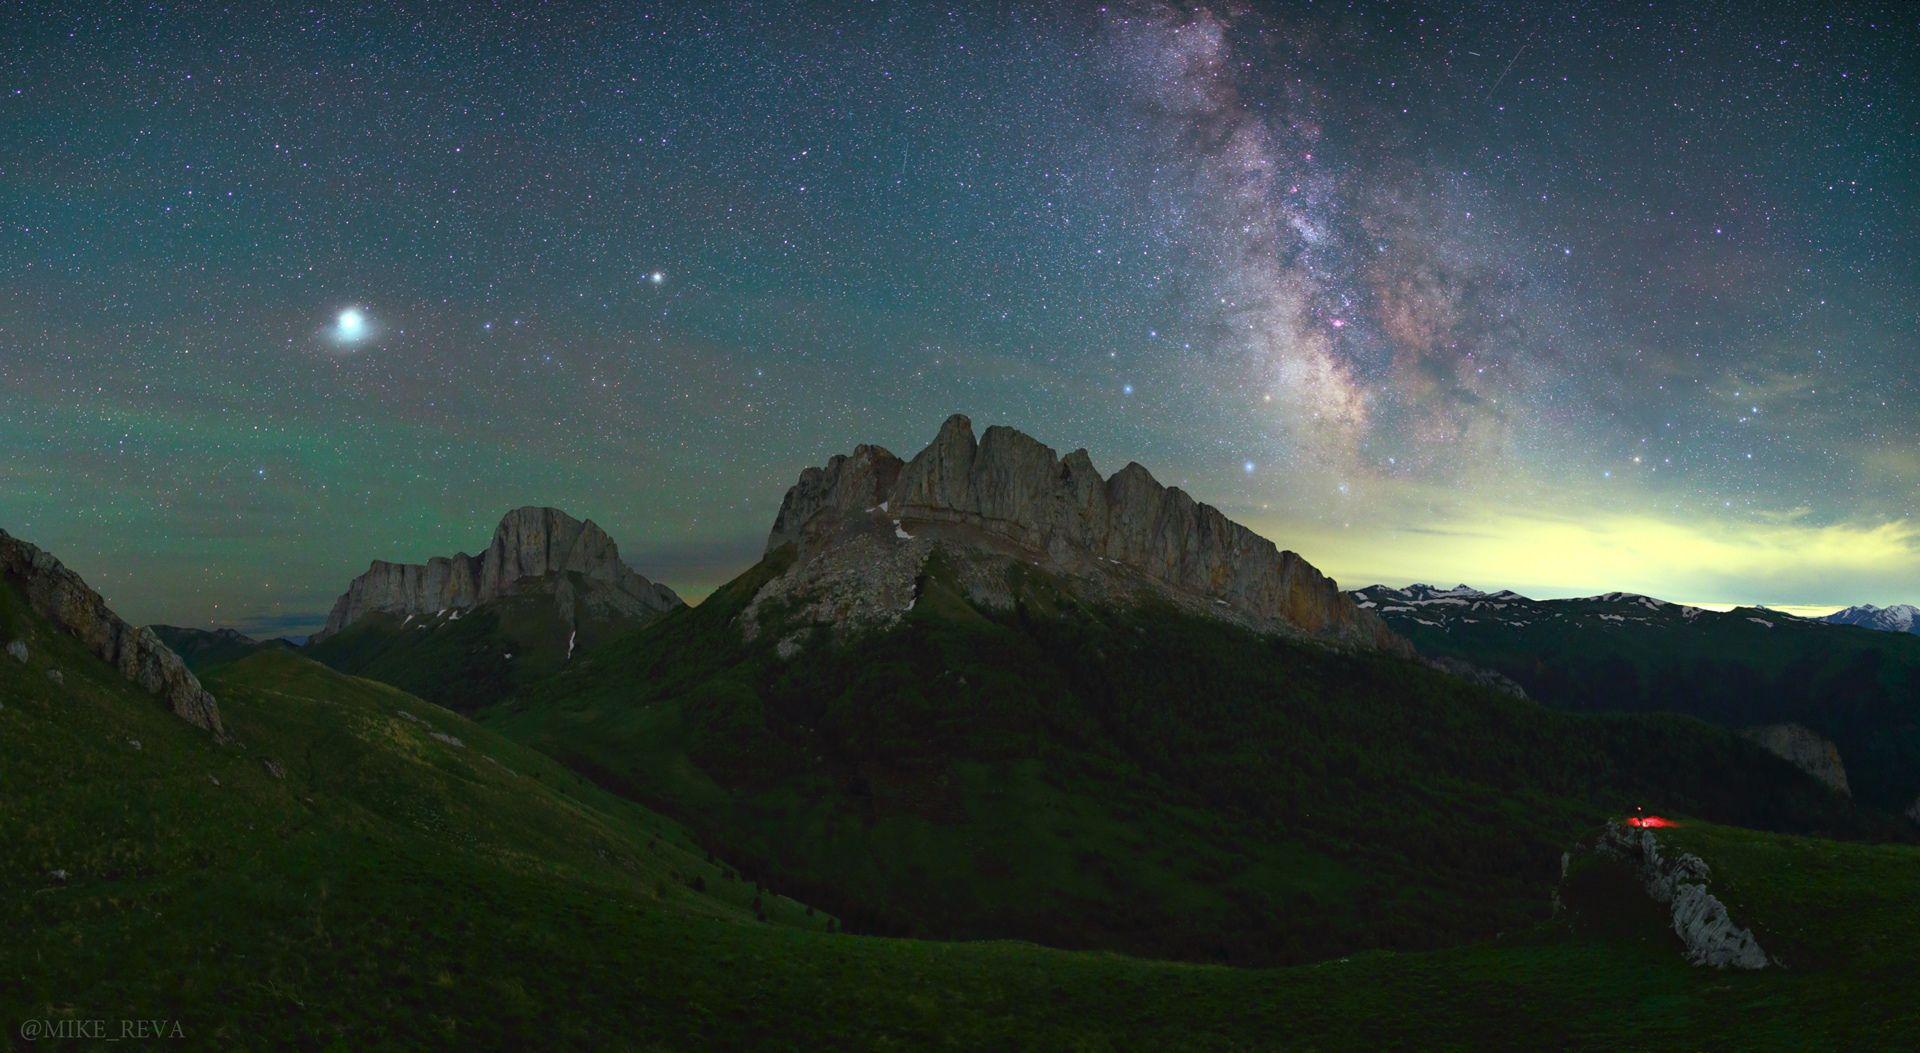 ночь тхачи  ночной пейзаж астрофотография звезды созвездия чертовы ворота ачешбоки, Рева Михаил